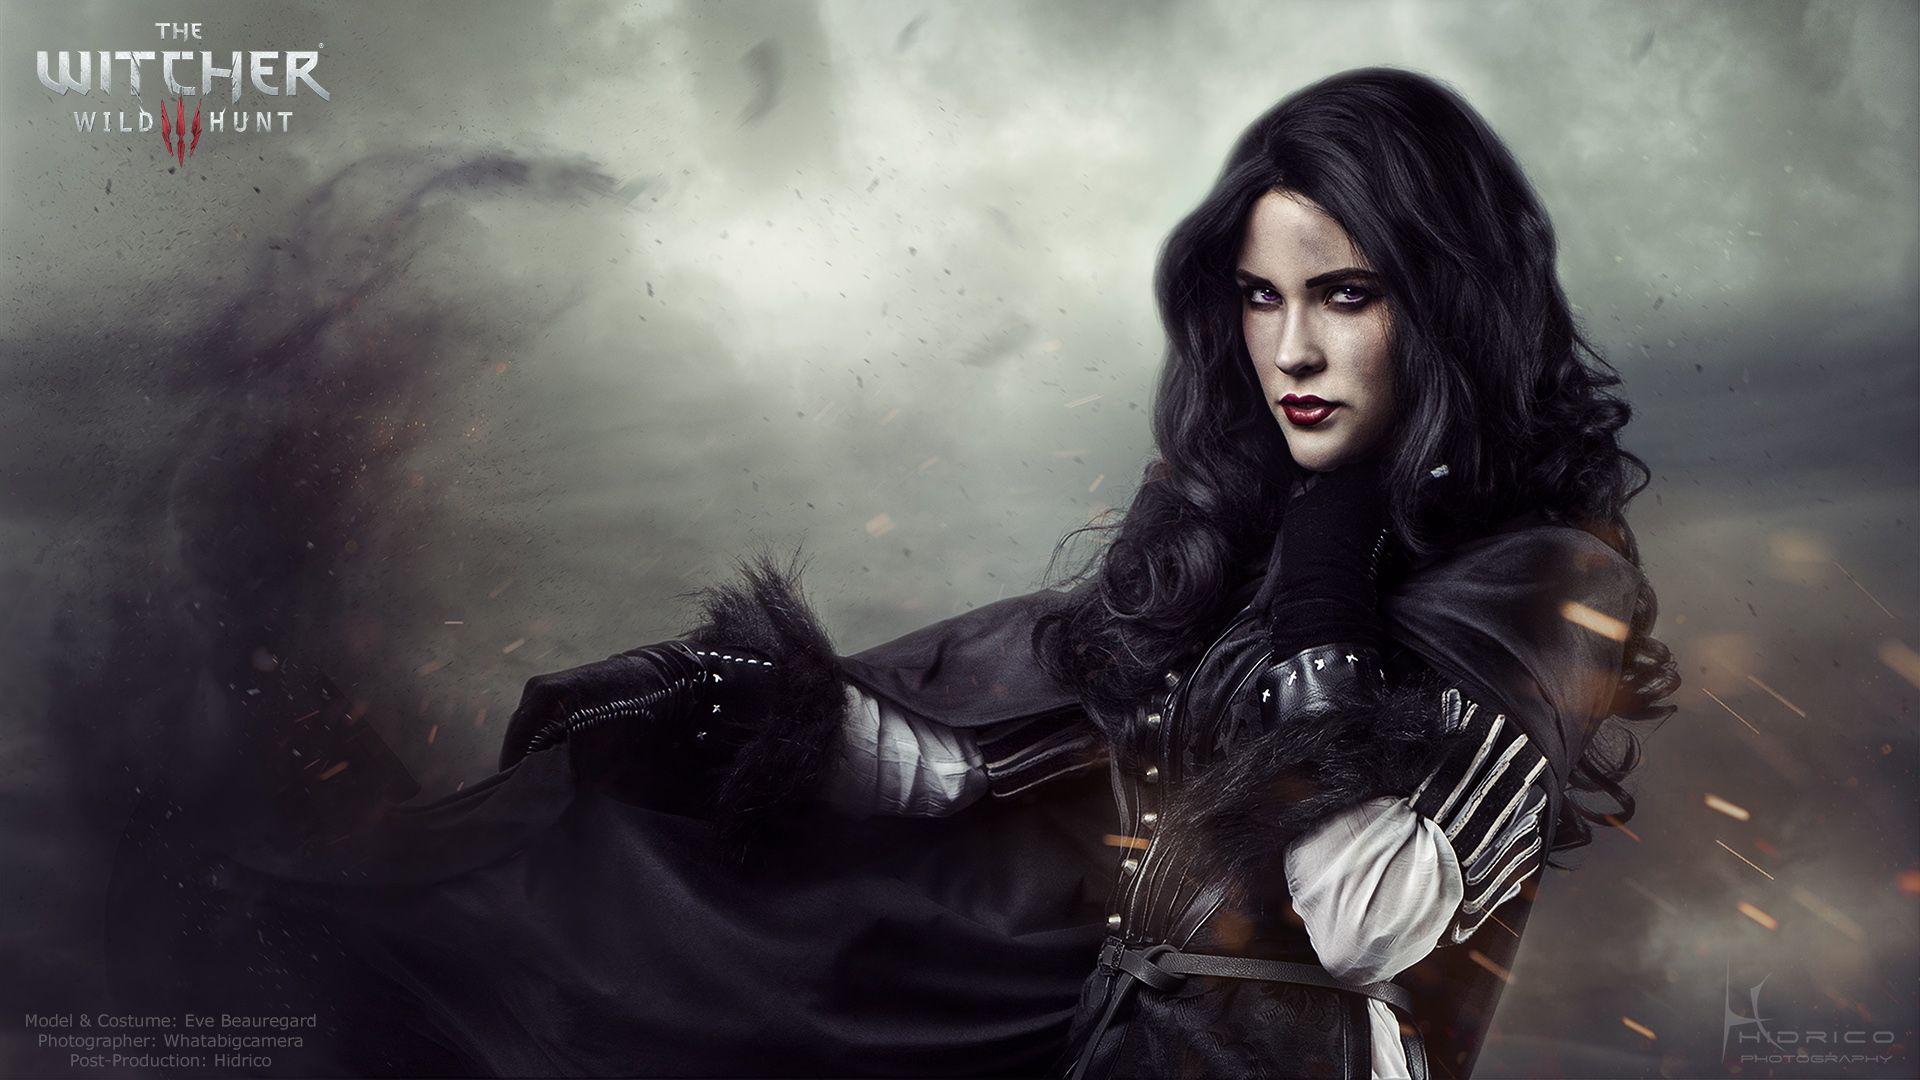 Красивые картинки, арт Йеннифэр из Венгерберга The Witcher 3 Wild Hunt 12